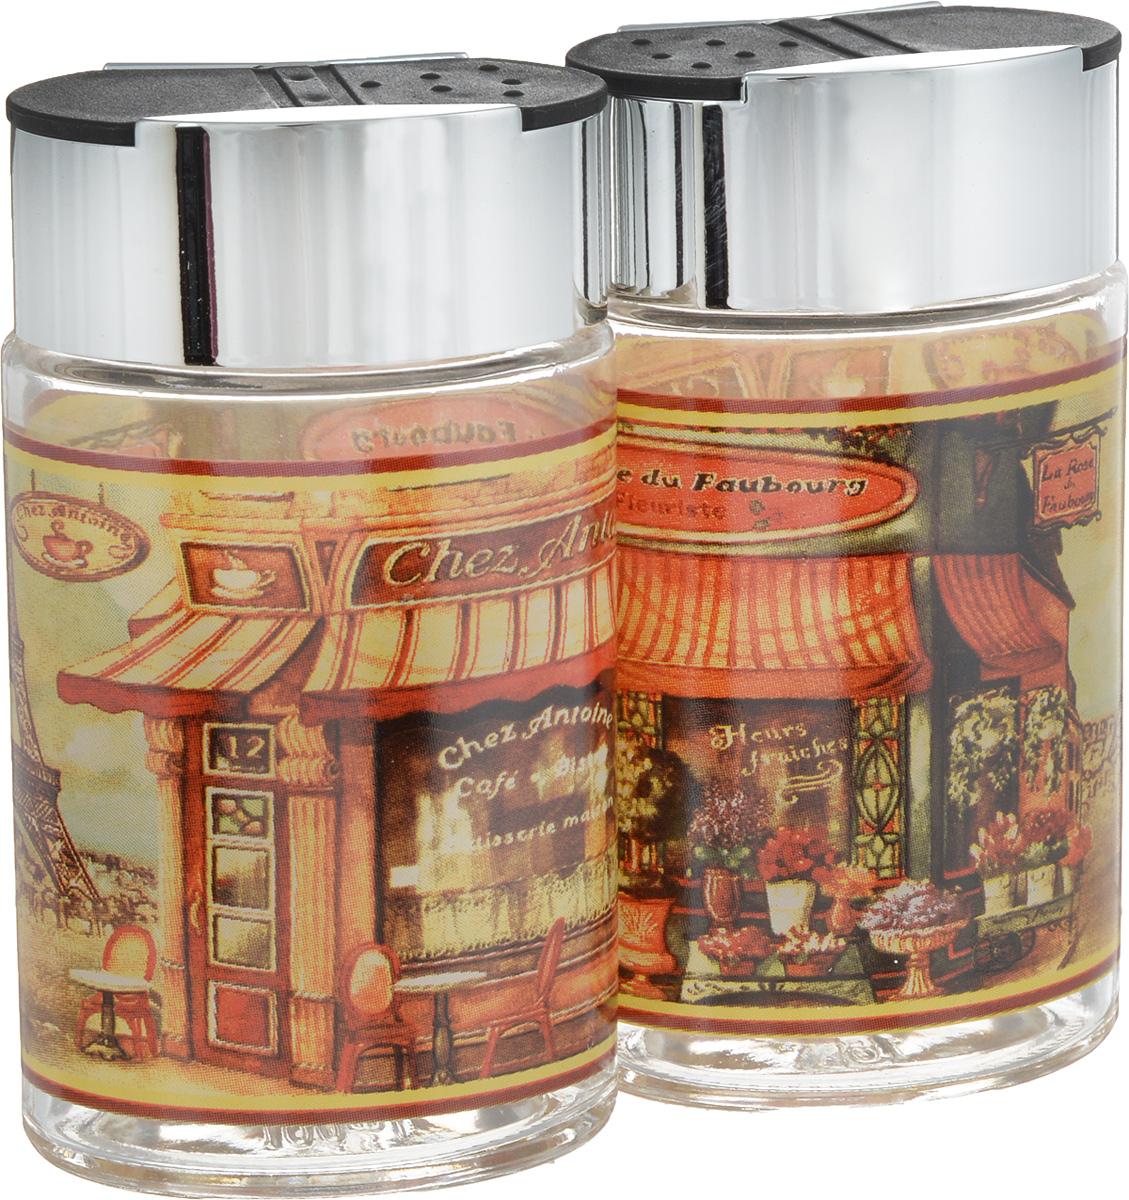 Набор для соли и перца SinoGlass Бутик, 2 предметаSI-806648003-ALНабор SinoGlass Бутик состоит из солонки и перечницы. Емкости, выполненные из стекла, оснащены пластиковыми крышками с хромированным покрытием со специальными отверстиями для высыпания. Благодаря компактным размерам набор не займет много места на вашей кухне. Емкости легки в использовании: стоит только перевернуть их, и вы с легкостью сможете добавить соль и перец по вкусу в любое блюдо. Дизайн, эстетичность и функциональность набора SinoGlass Бутик позволят ему стать достойным дополнением к кухонному инвентарю.Размер солонки/перечницы (с учетом крышки): 5,5 х 4 х 10 см.